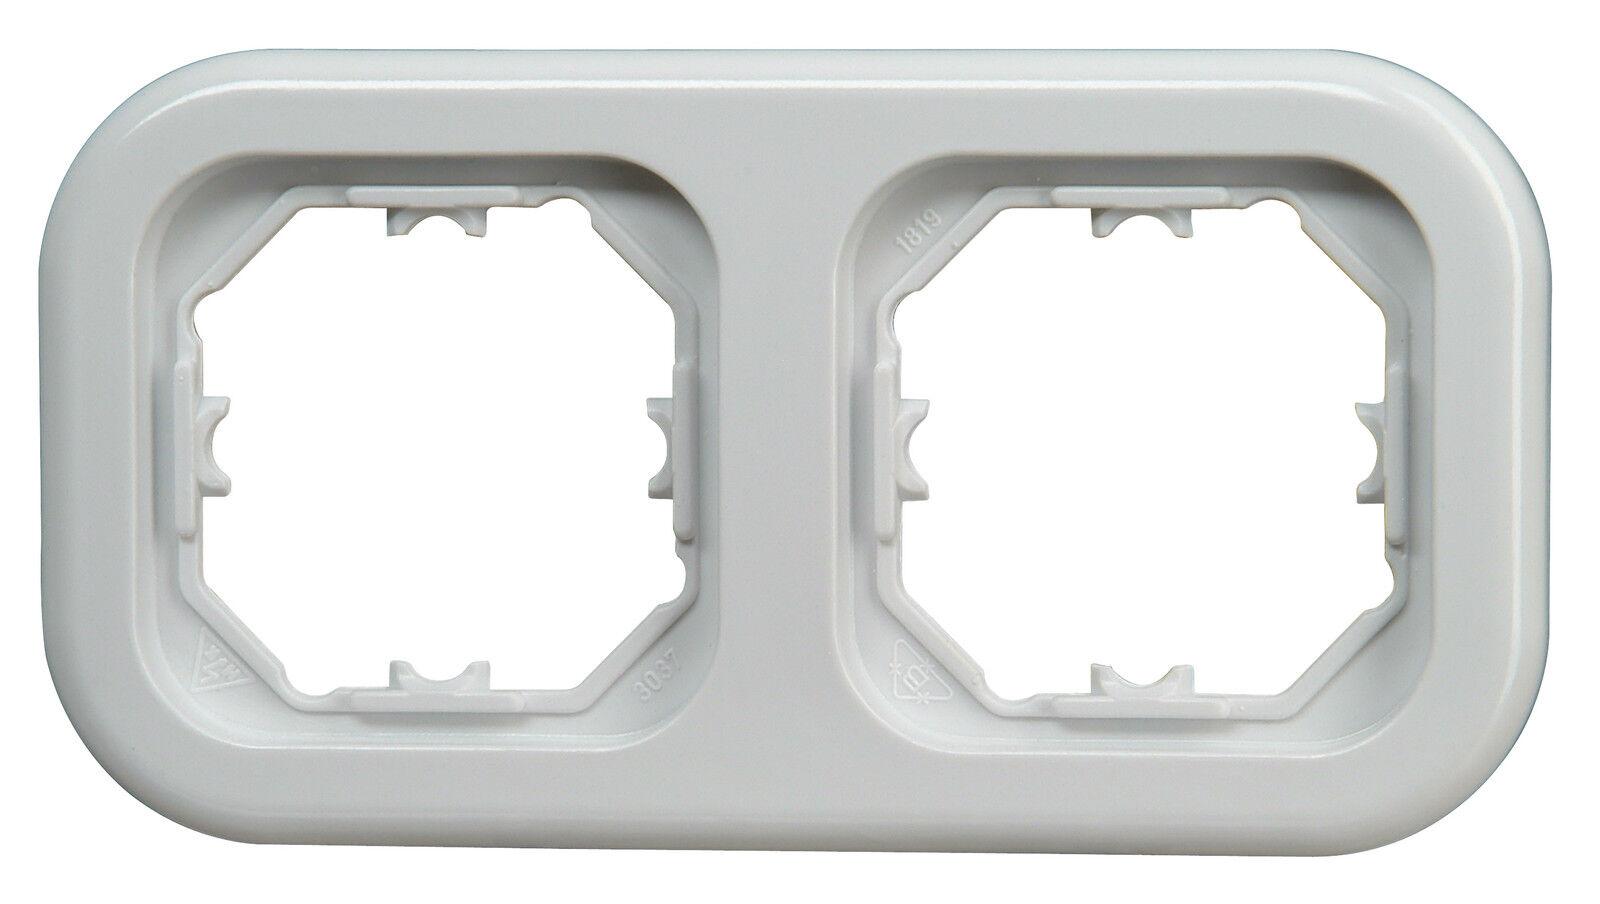 Kopp 2 Fach Abdeckrahmen Serie Donau arktis weiß 2-Fach Rahmen Elektro Neuware